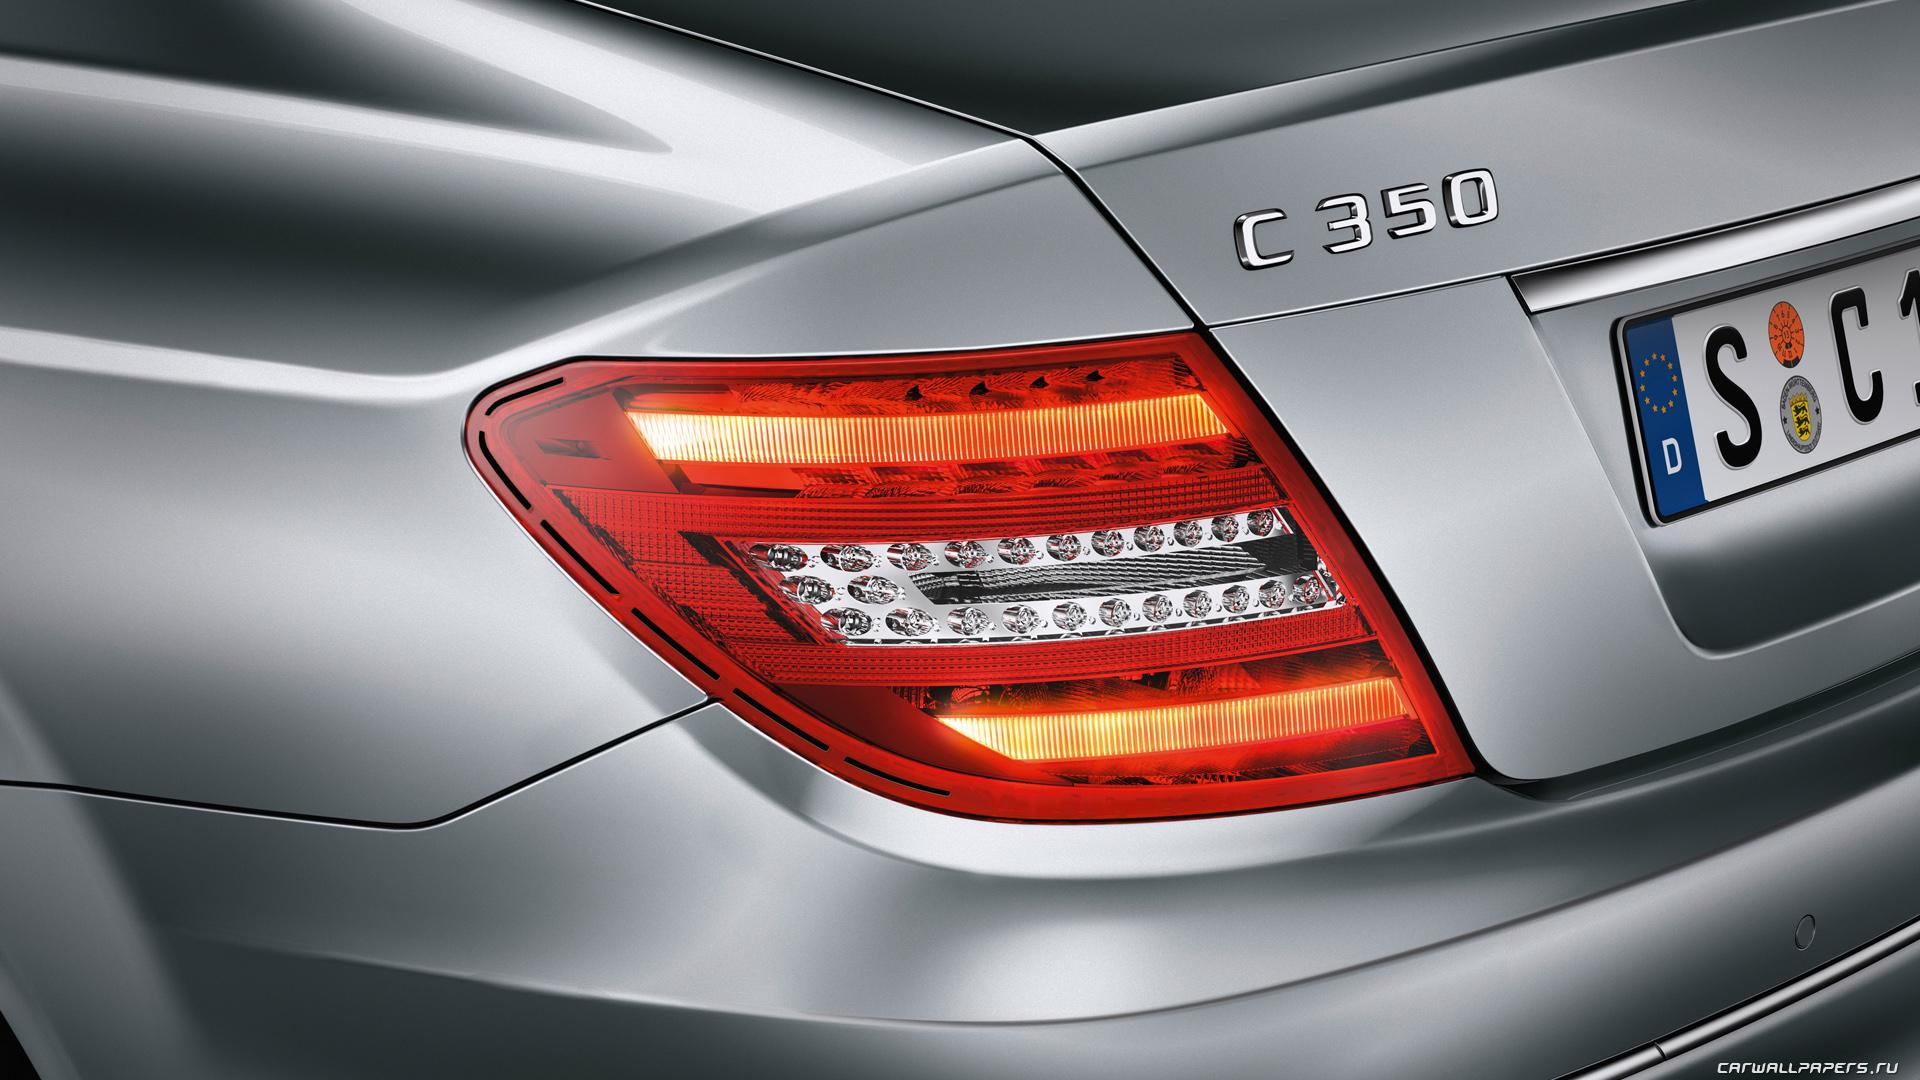 Cars desktop wallpapers Mercedes-Benz C350 - 2011